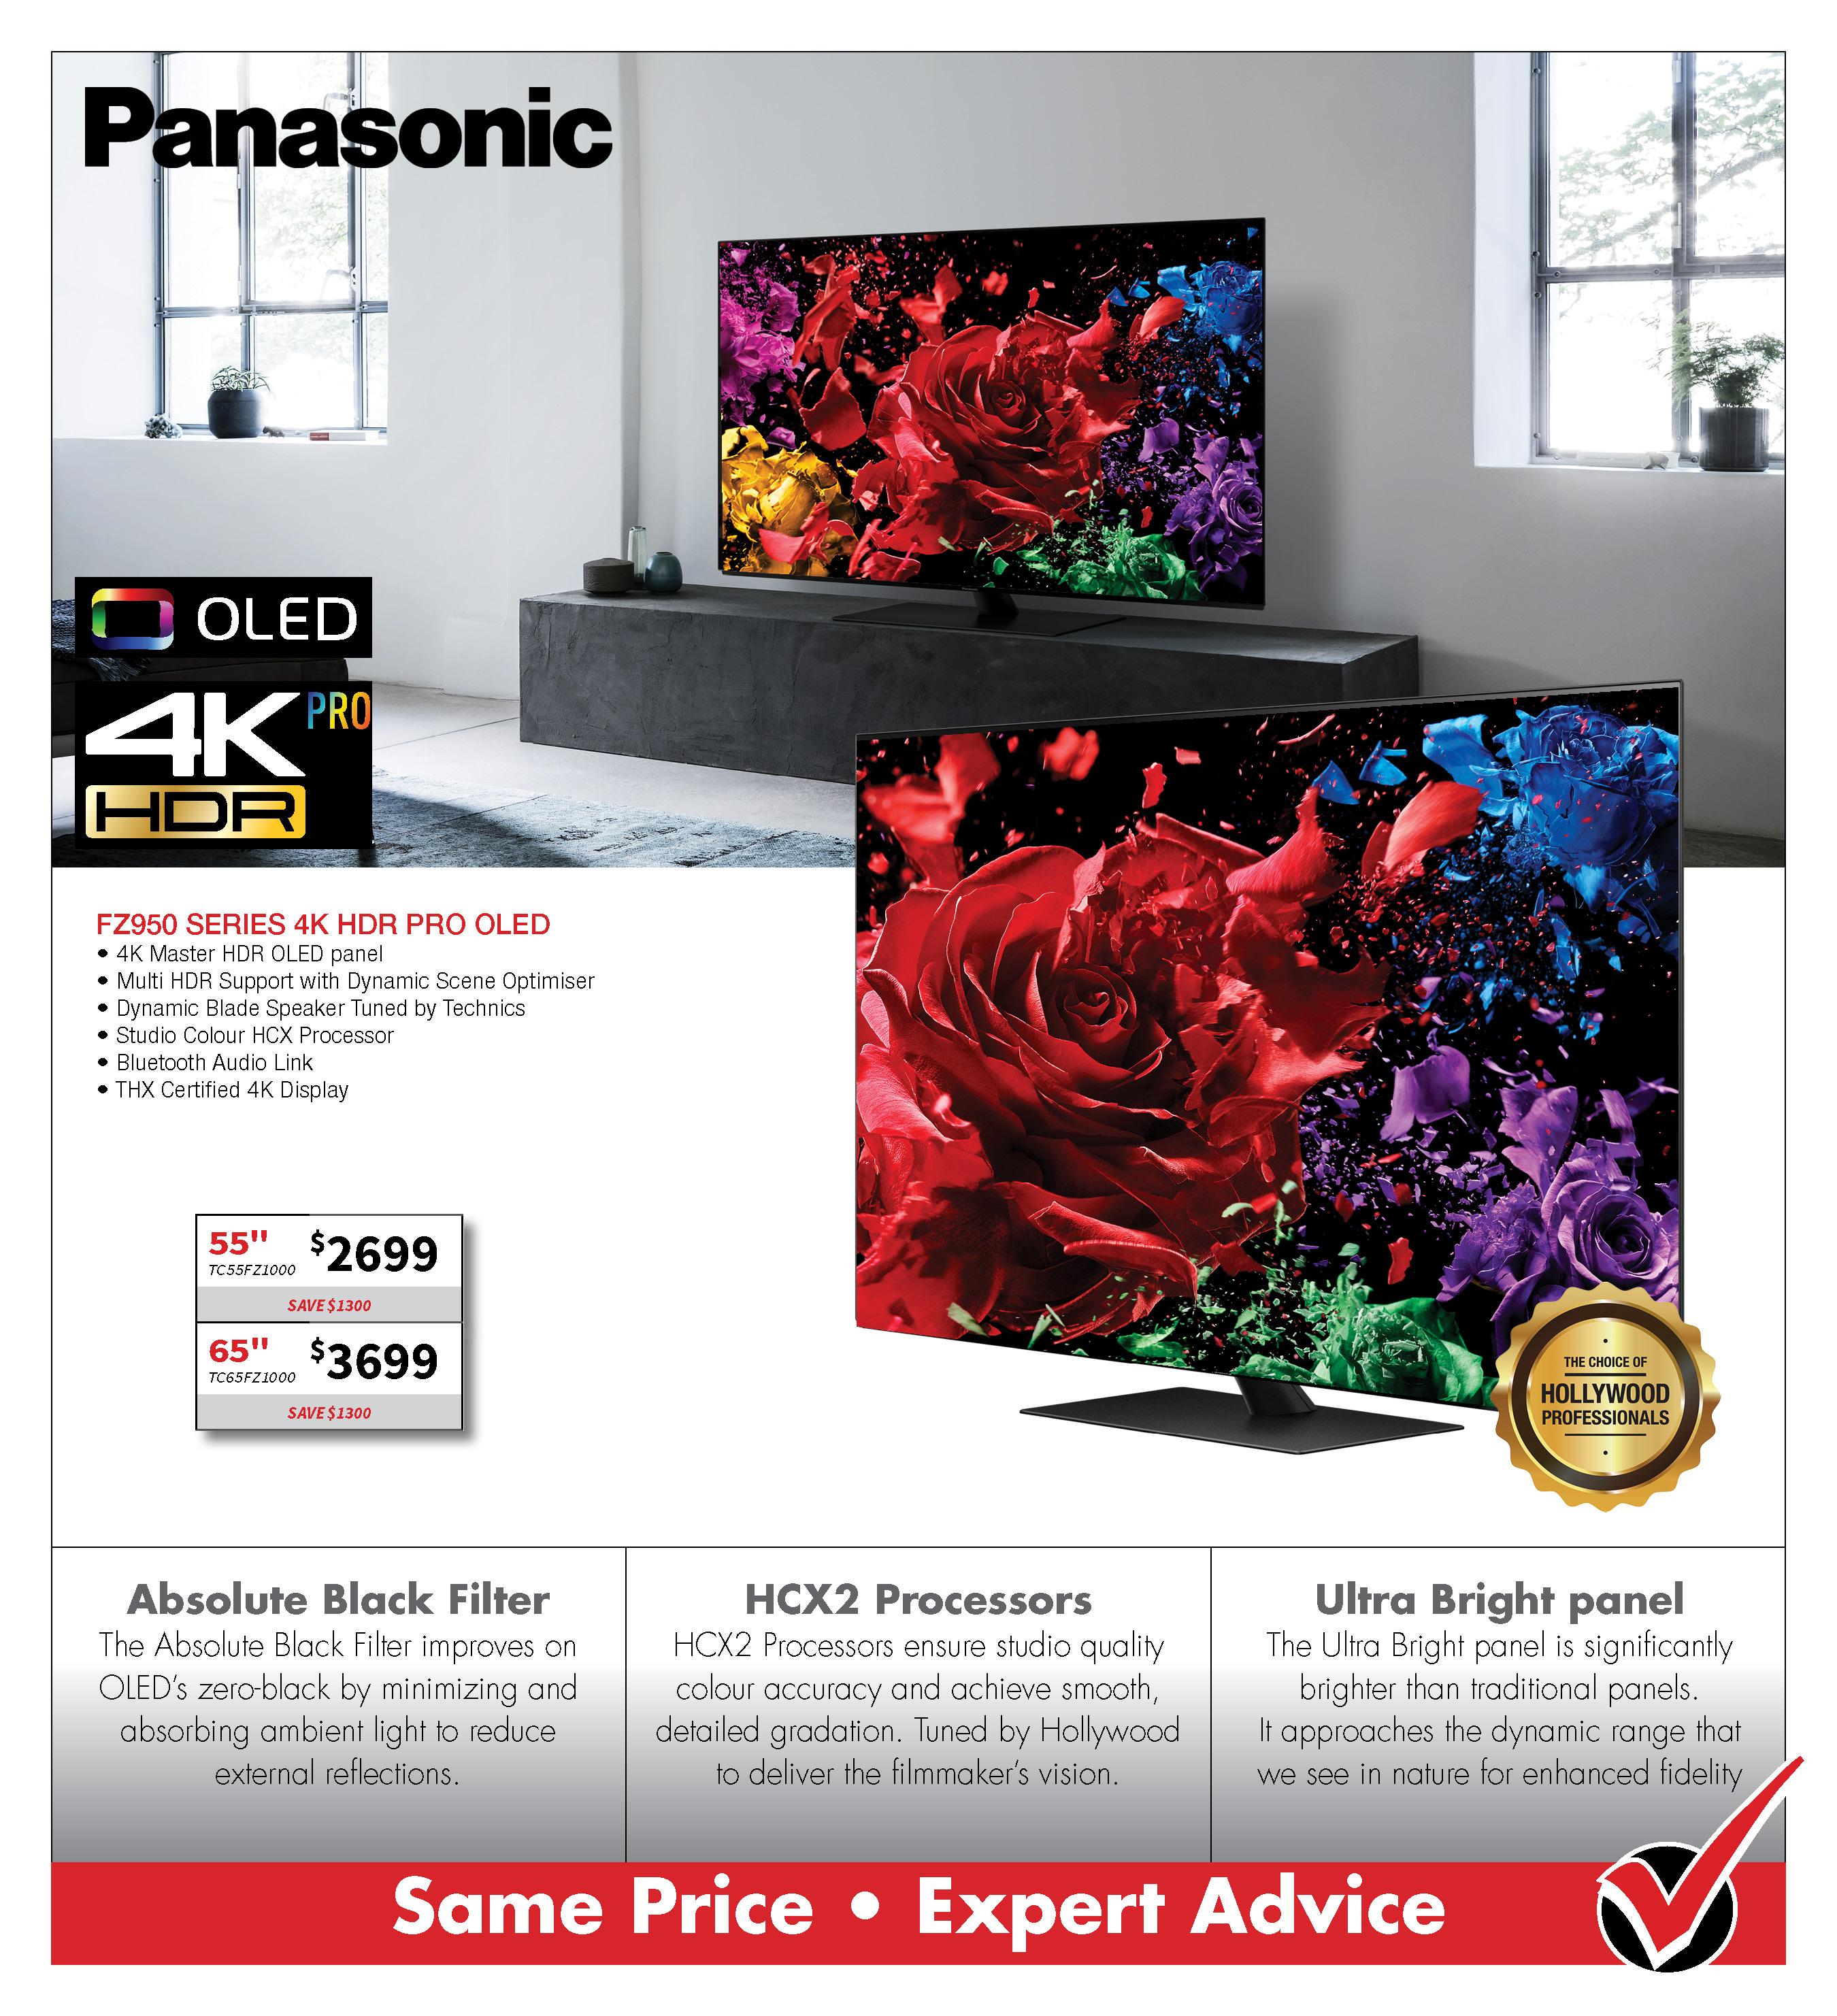 PANASONIC FZ950 4K OLED TV